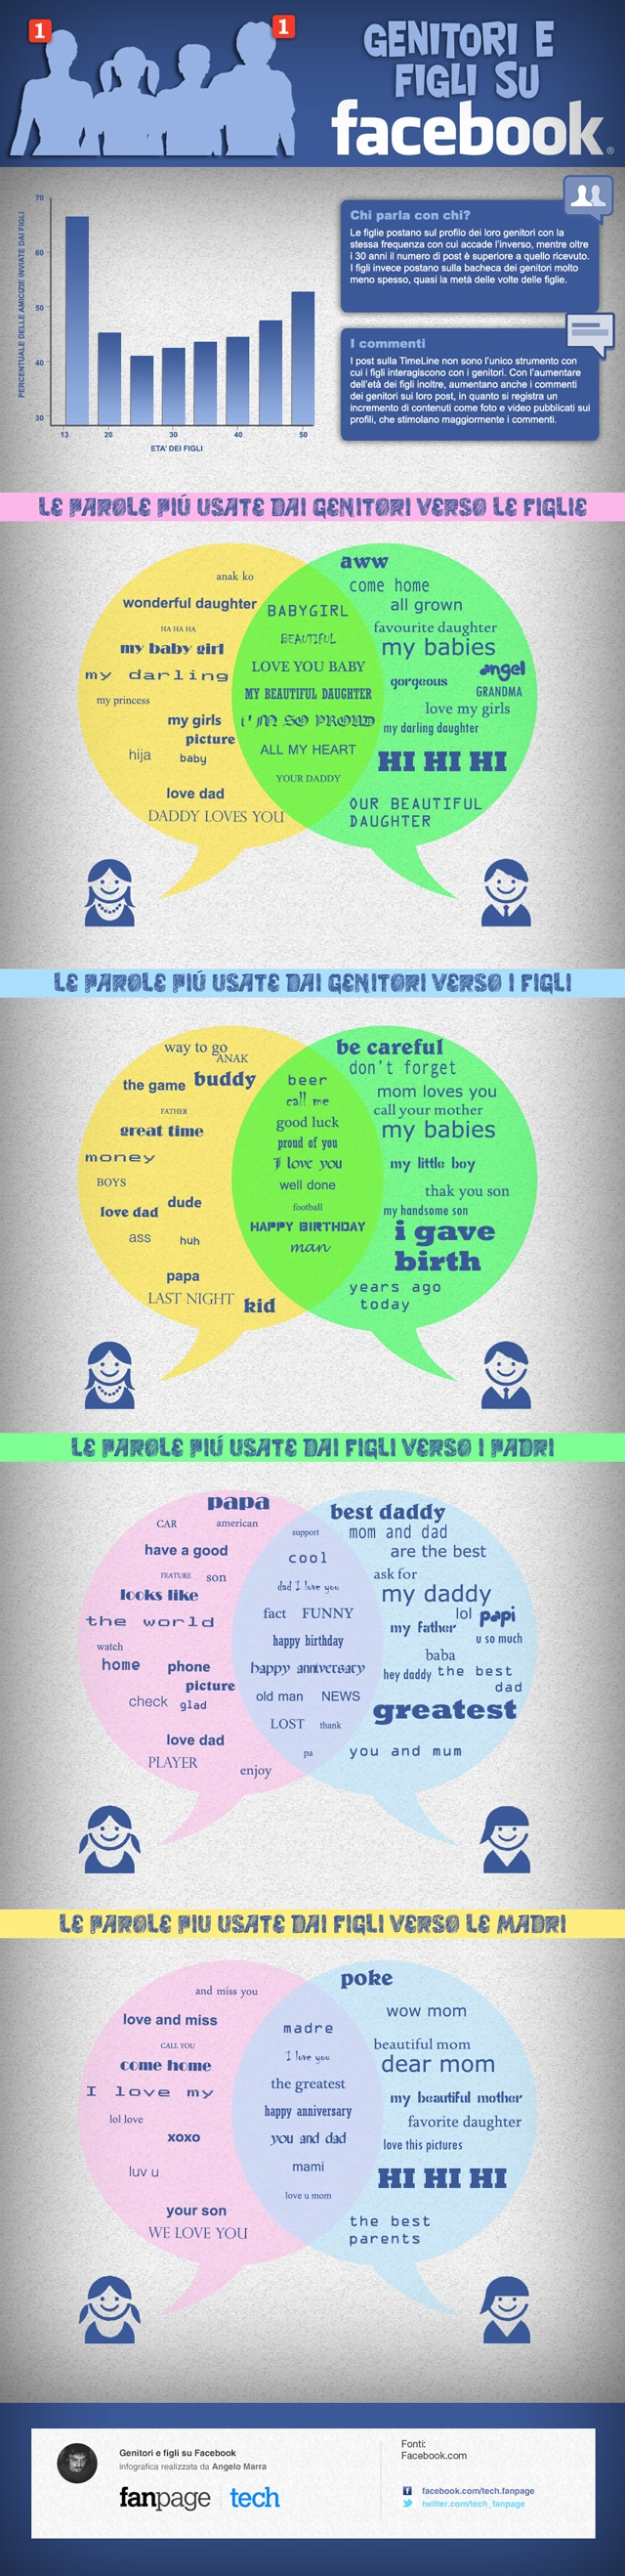 infografica_fb_family_LQ